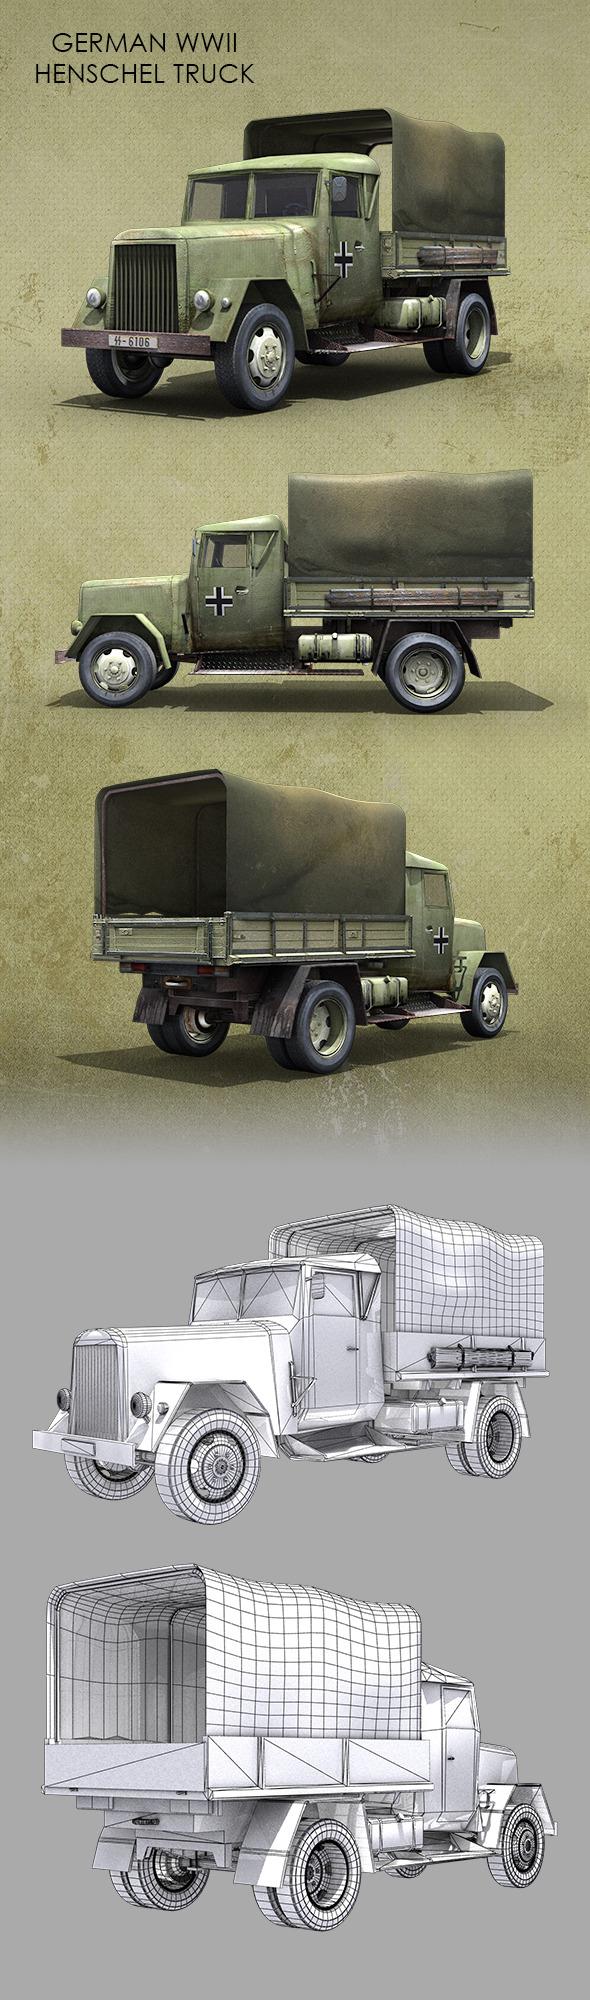 German WWII Henschel Truck - 3DOcean Item for Sale